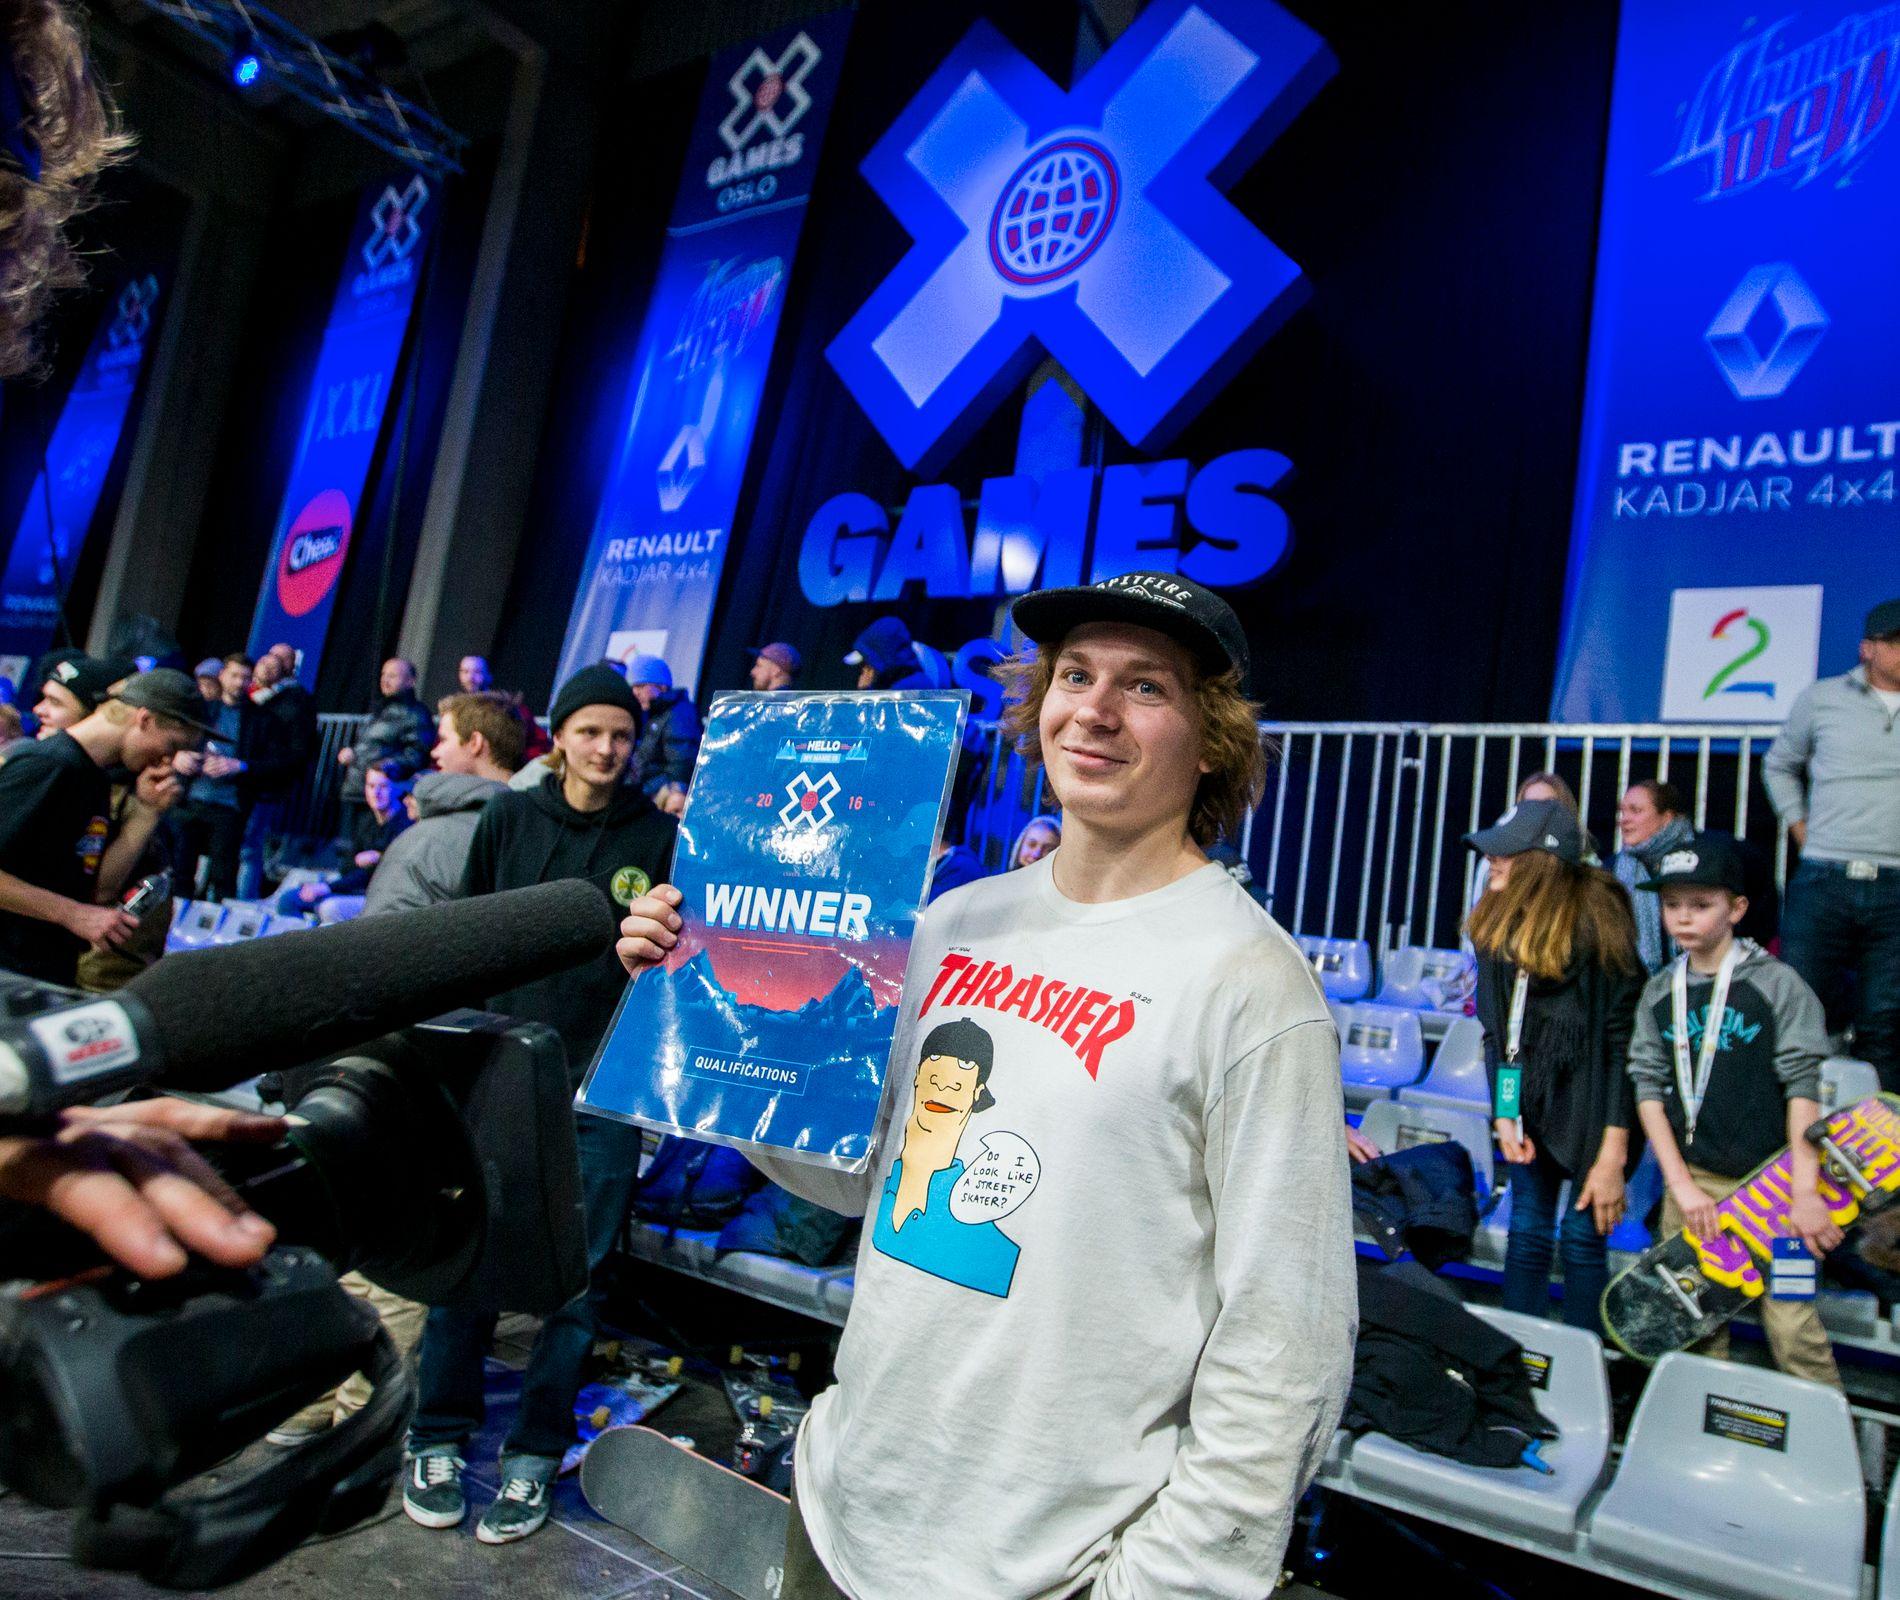 FINALEKLAR I TEXAS FREDAG: Hermann Stene (22) er som første nordmann kvalifisert for street pro am i X Games i Austin i kveld. Bildet er fra X Games i Oslo i februar.